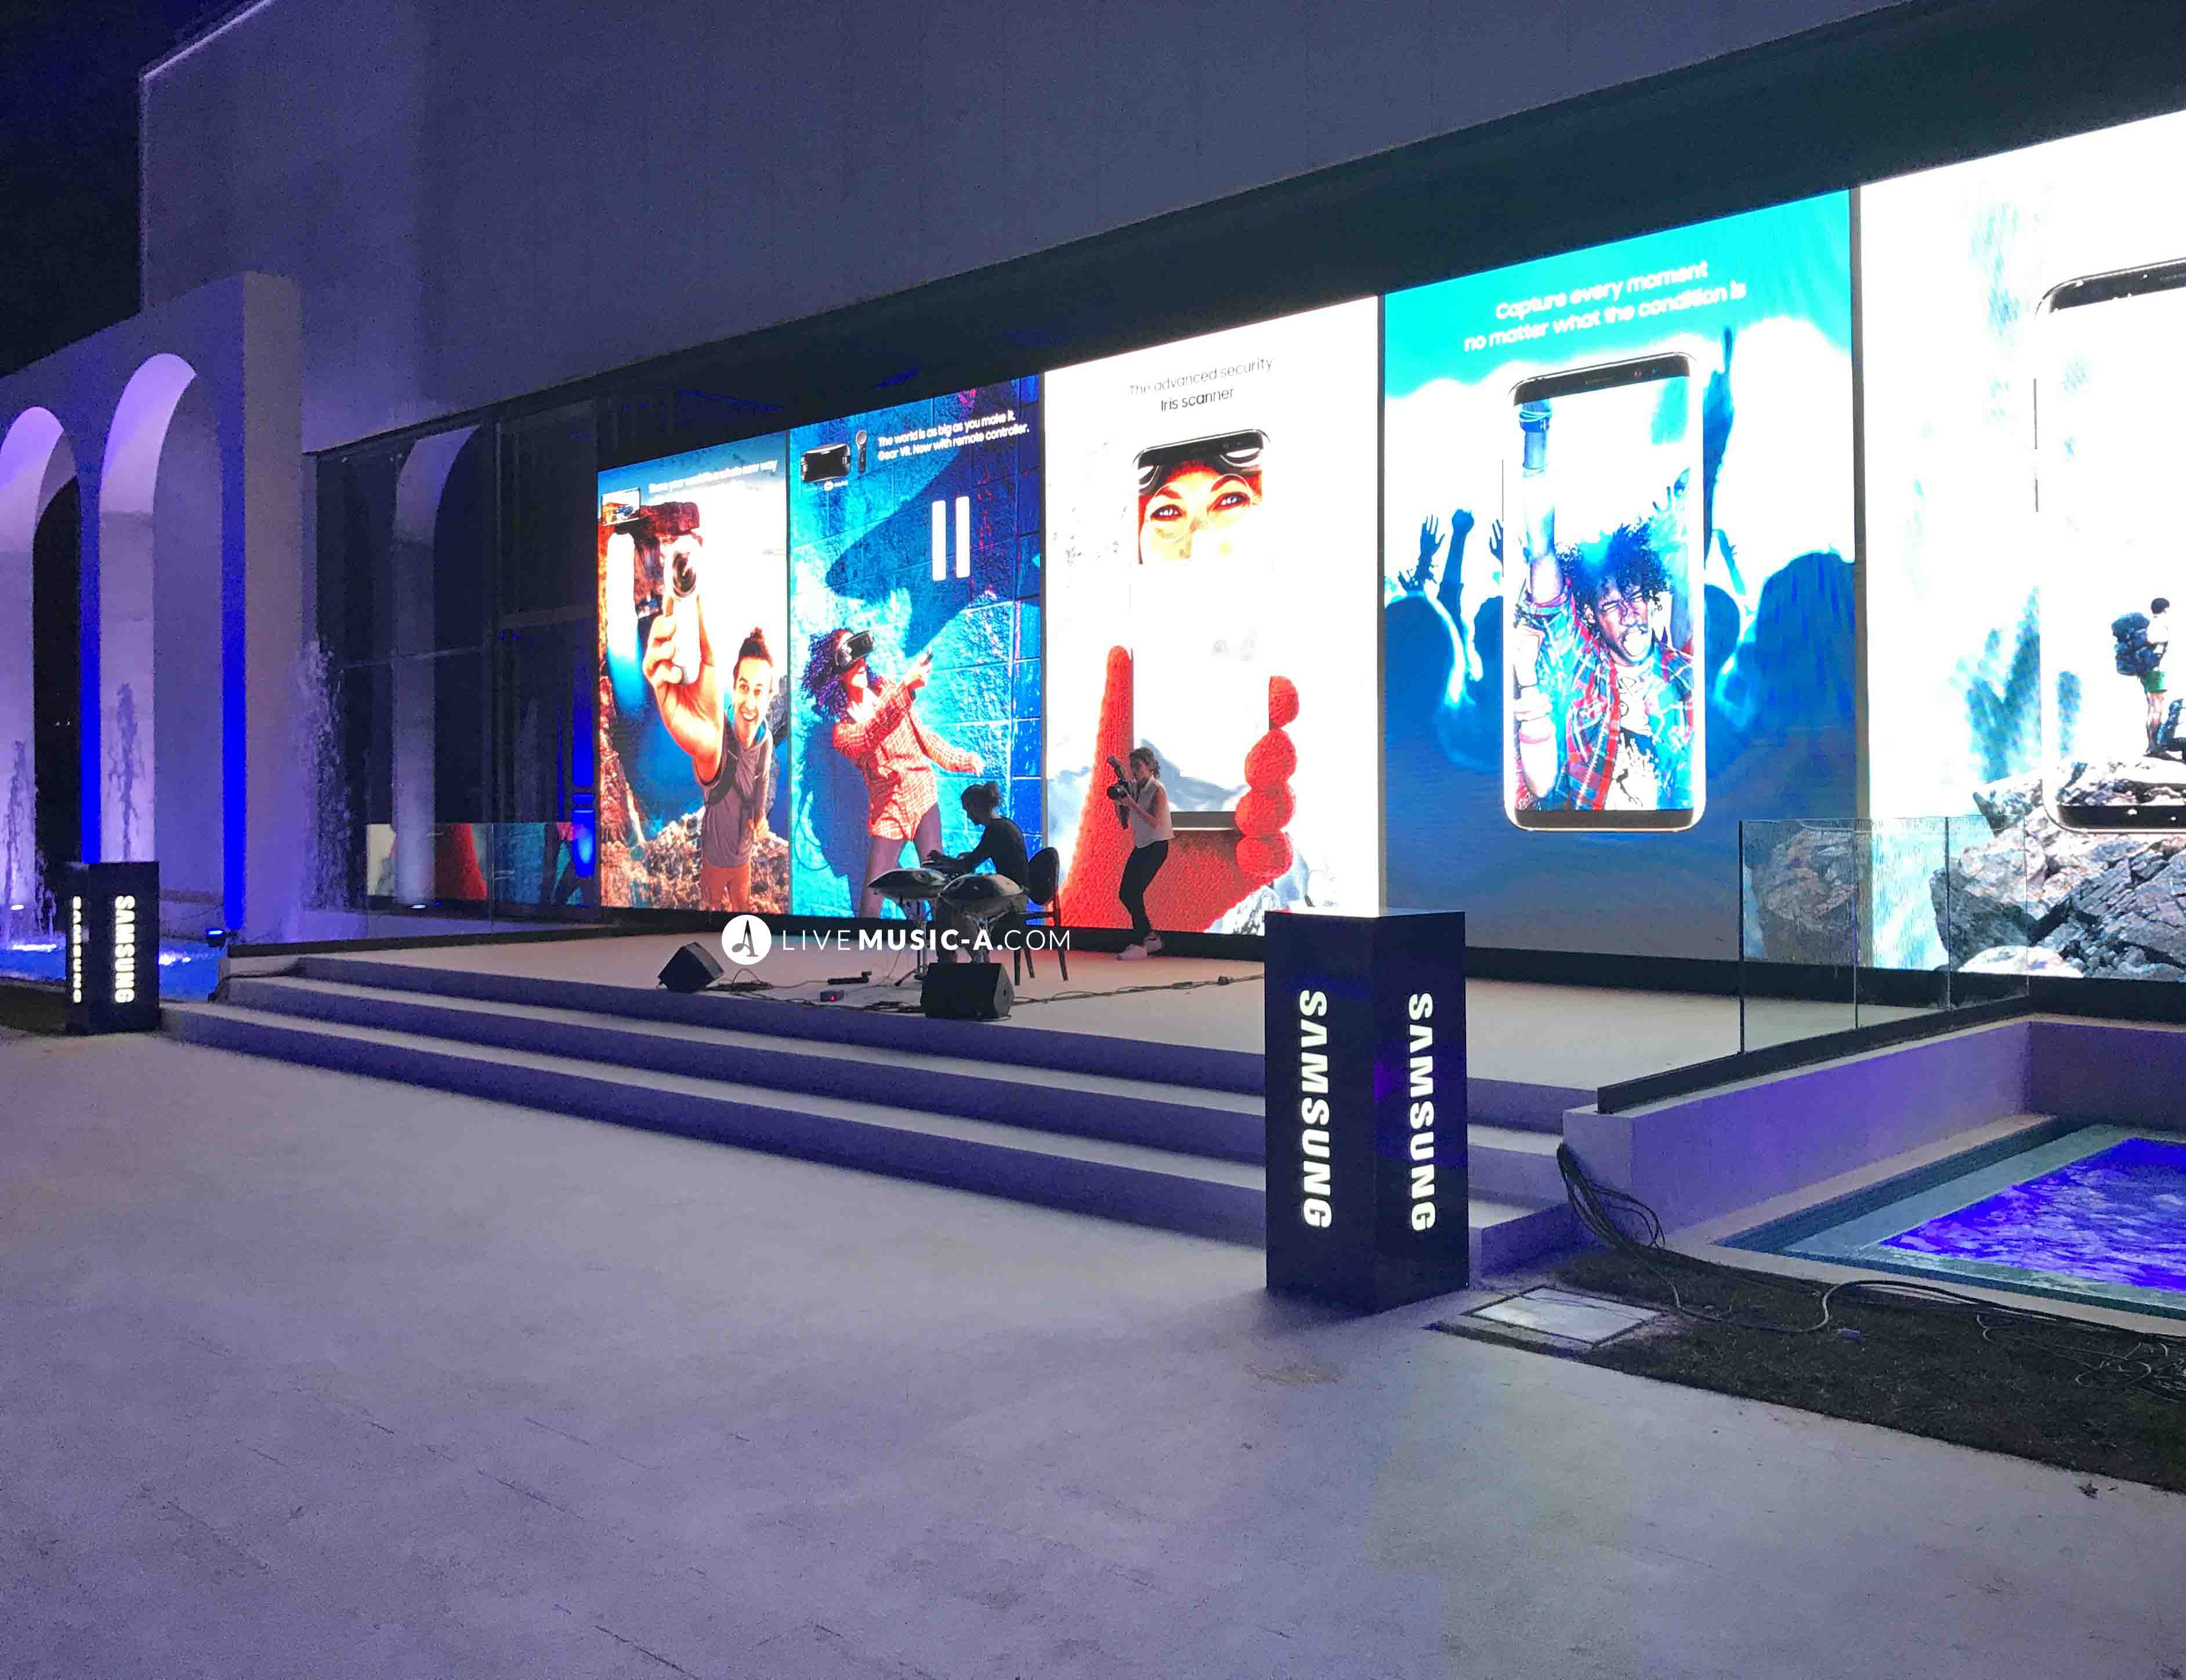 Samsung S8 launching